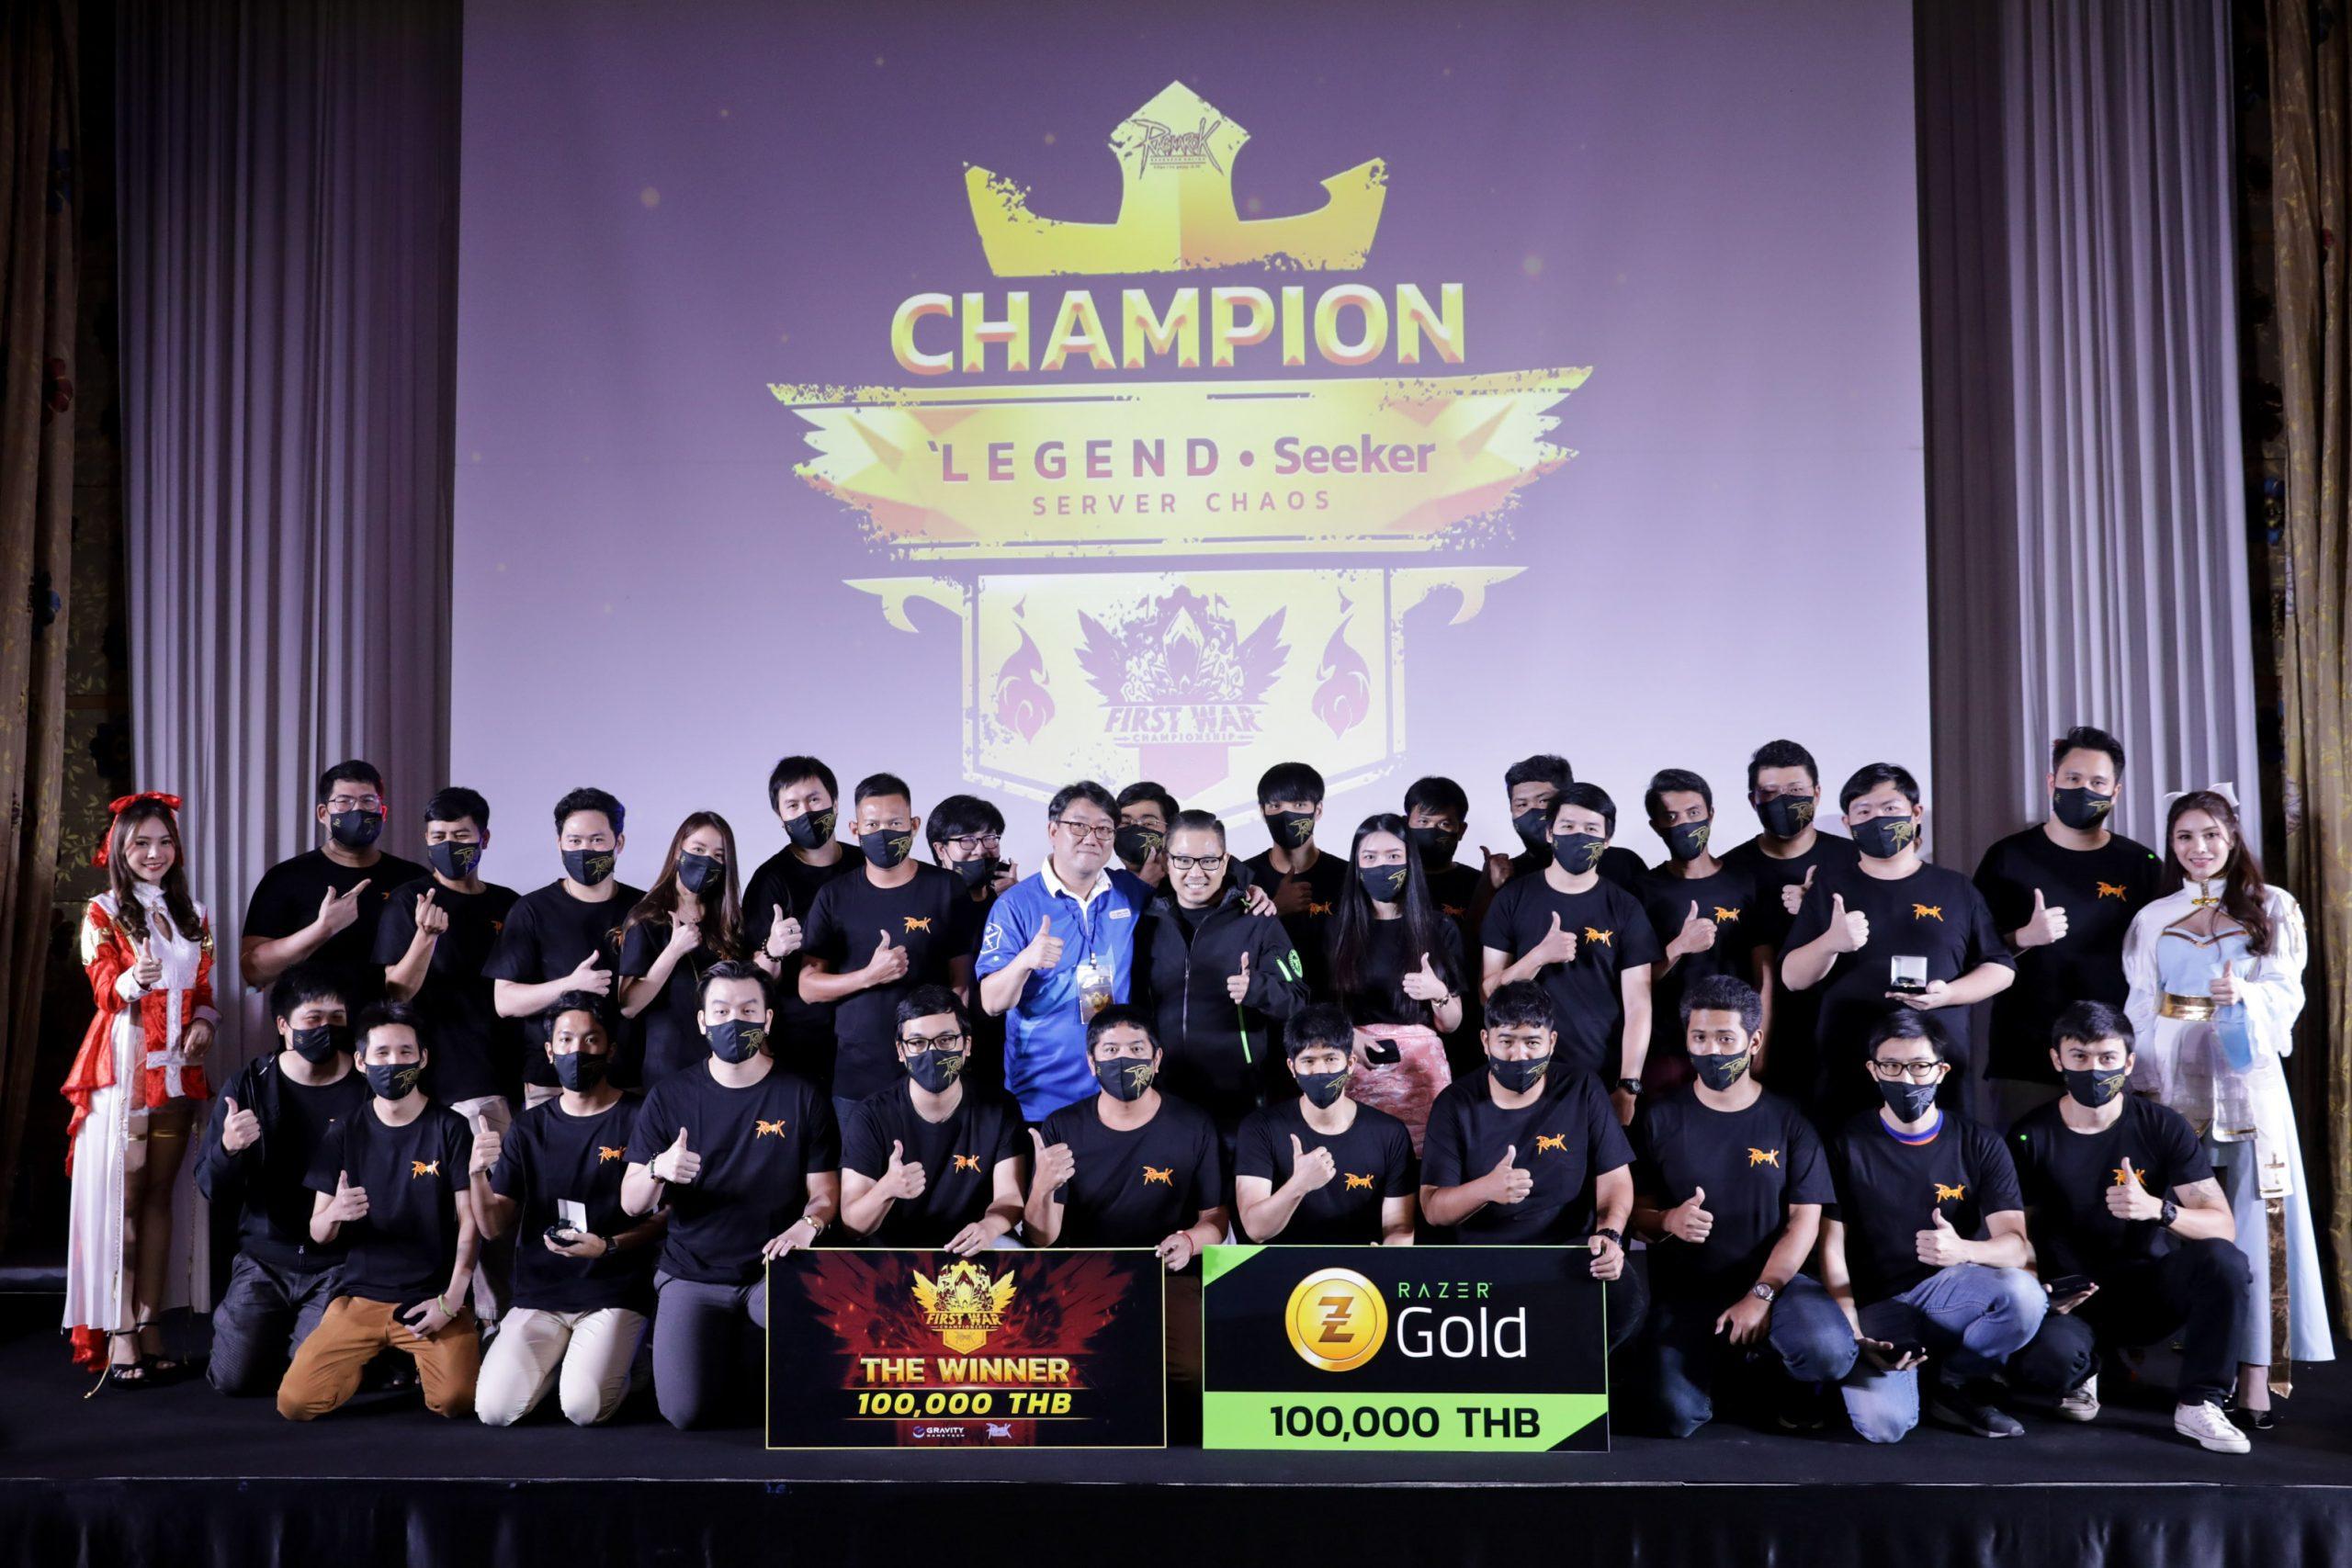 กราวิตี้ จัดงานใหญ่ มอบรางวัลผู้ชนะการแข่งขันเกม Ragnarok Online+Fan Meeting